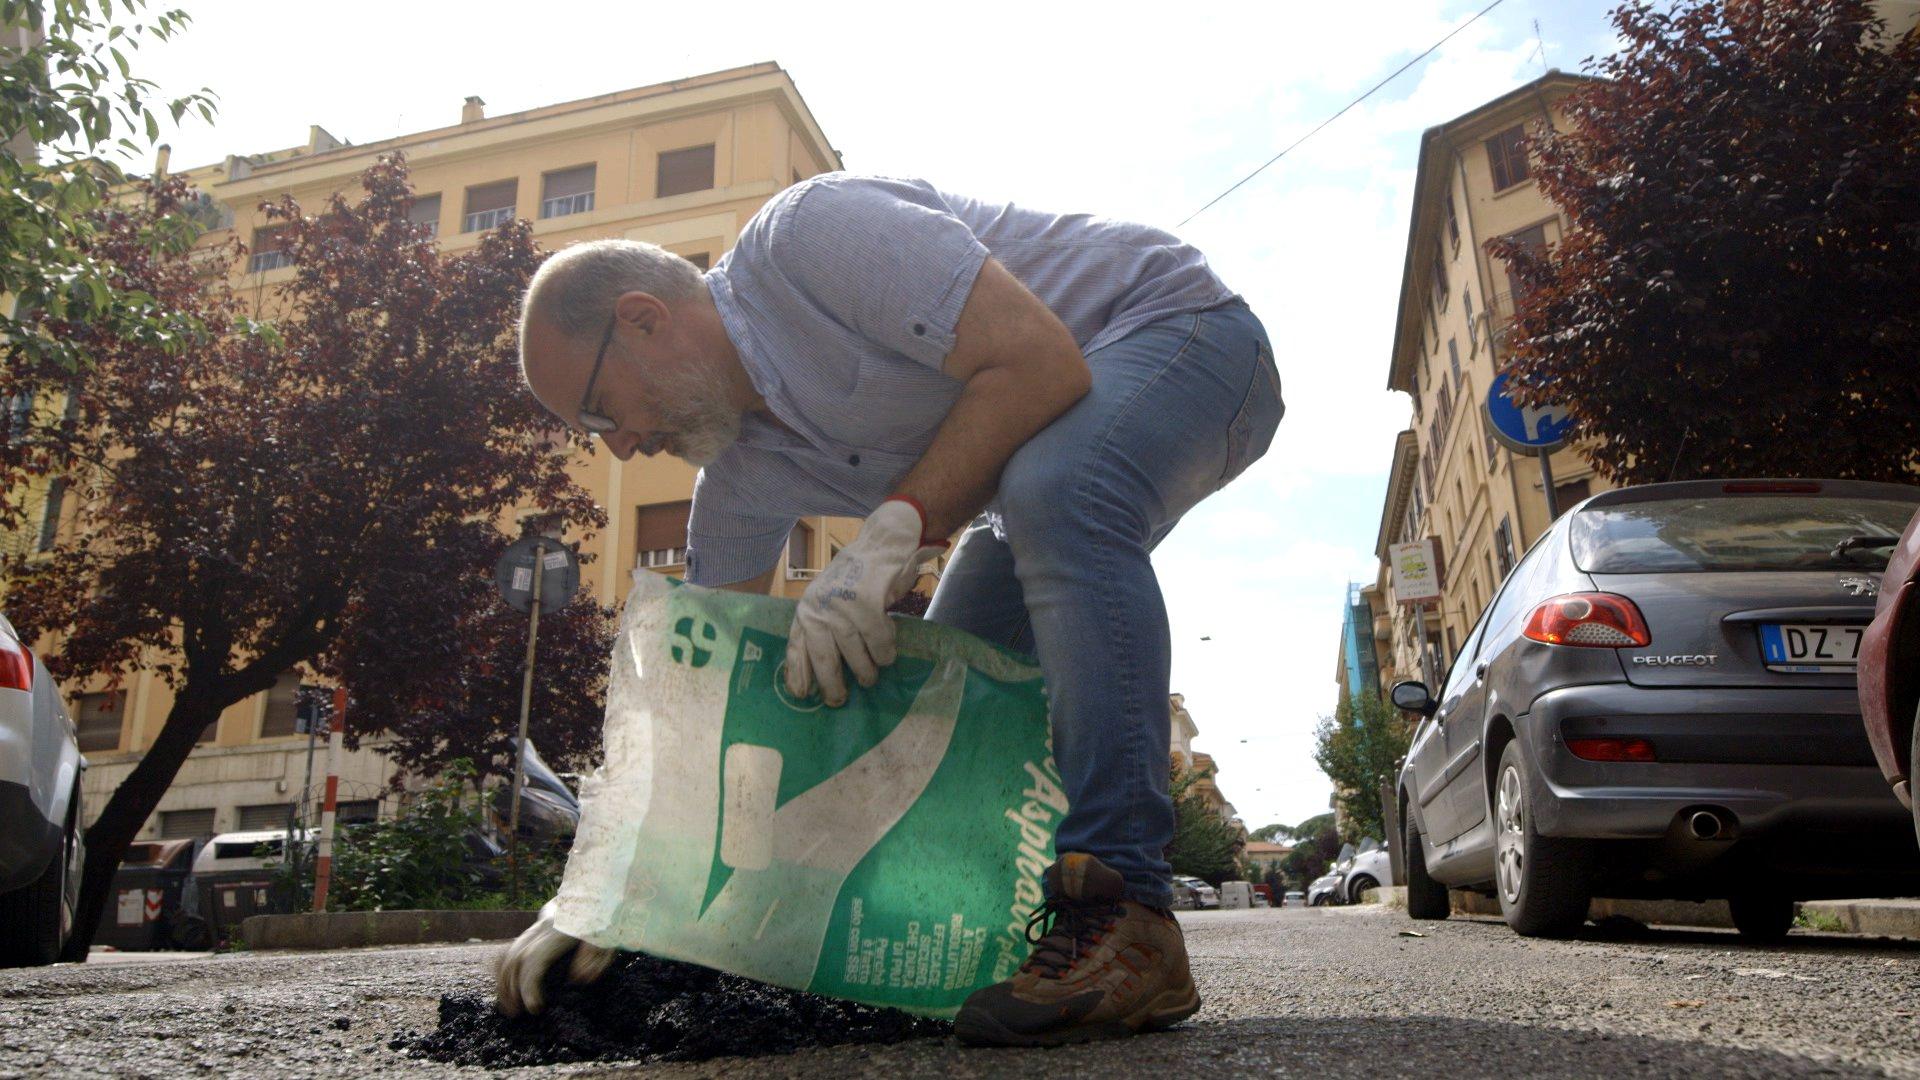 Rom räumt auf – Bürger gegen den Verfall ihrer Stadt (Doku)